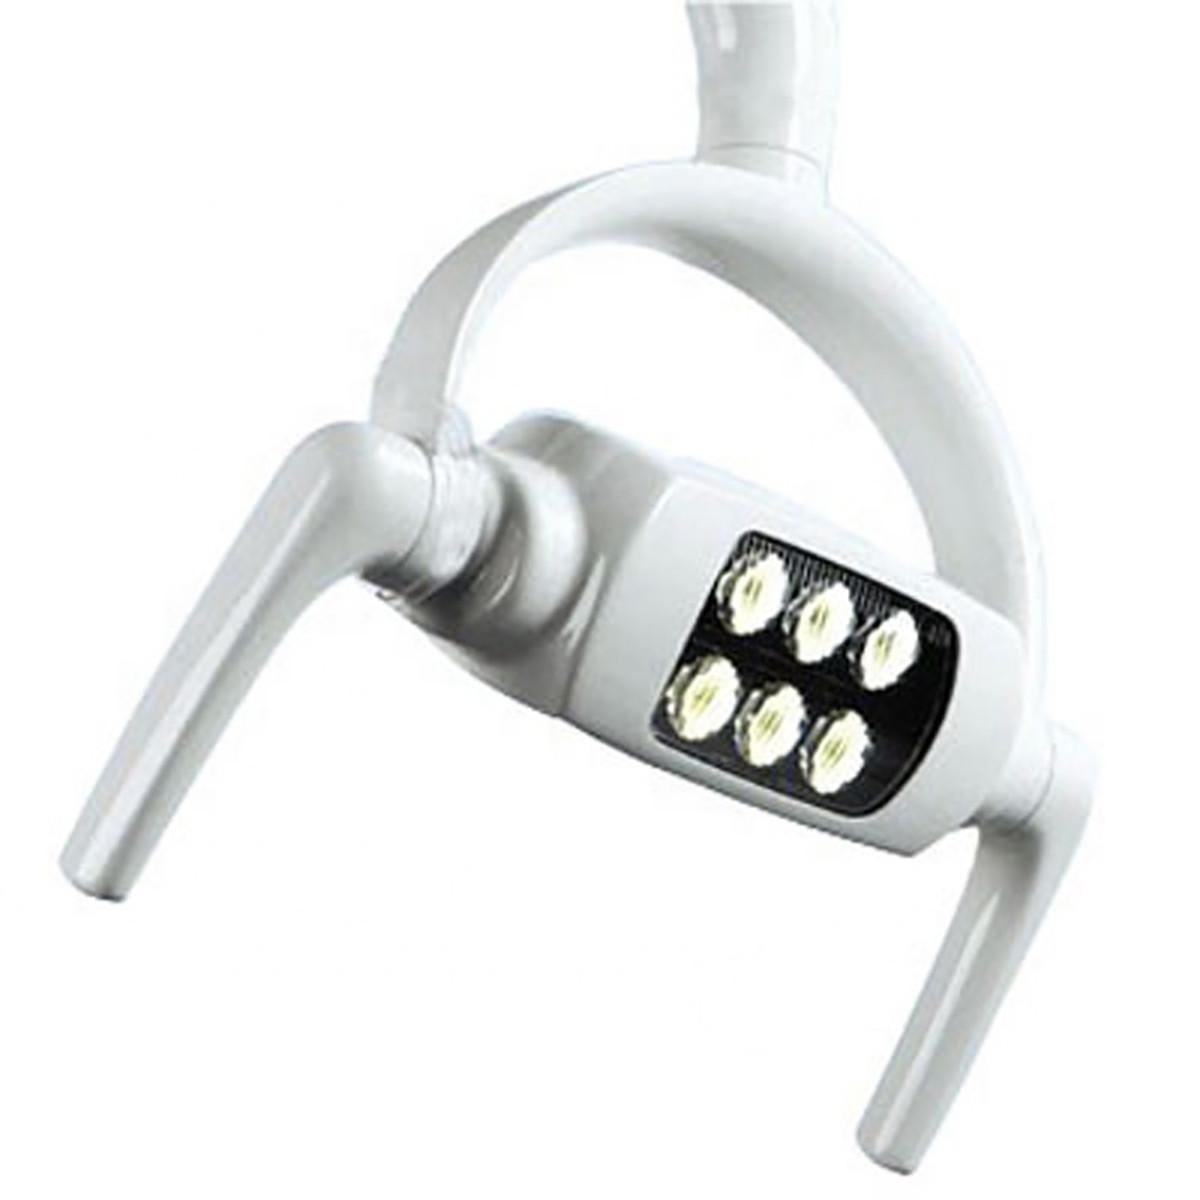 Безтіньовий стоматологічний світильник на 6 ламп.